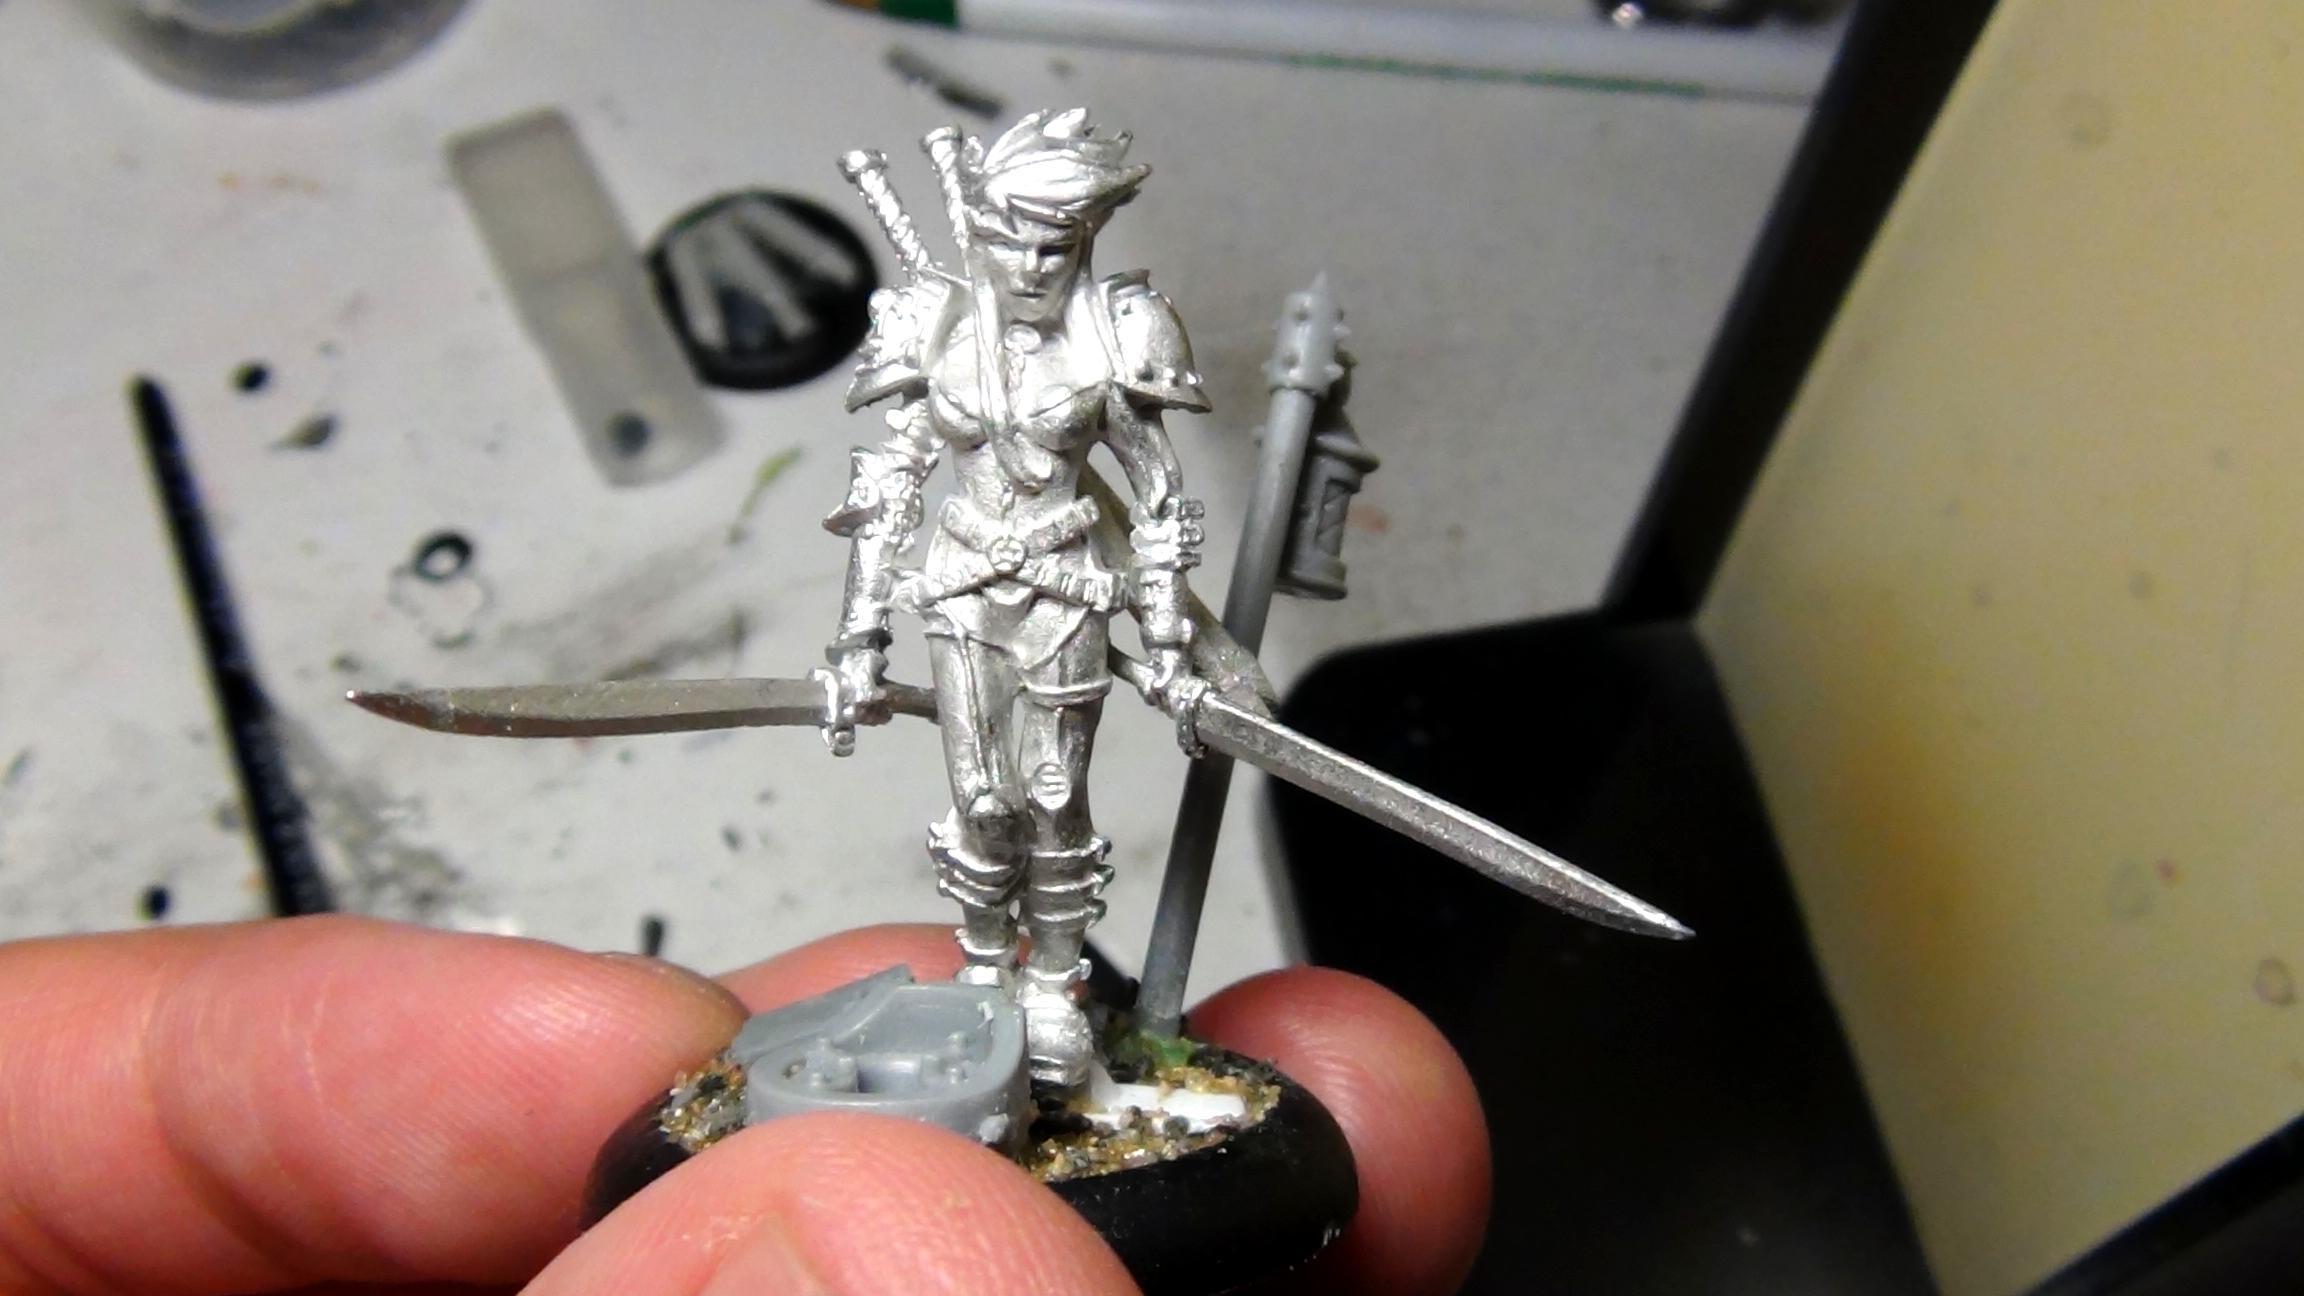 Conversion, Greenstuff, Inquisitor, Warhammer 40,000, Work In Progress